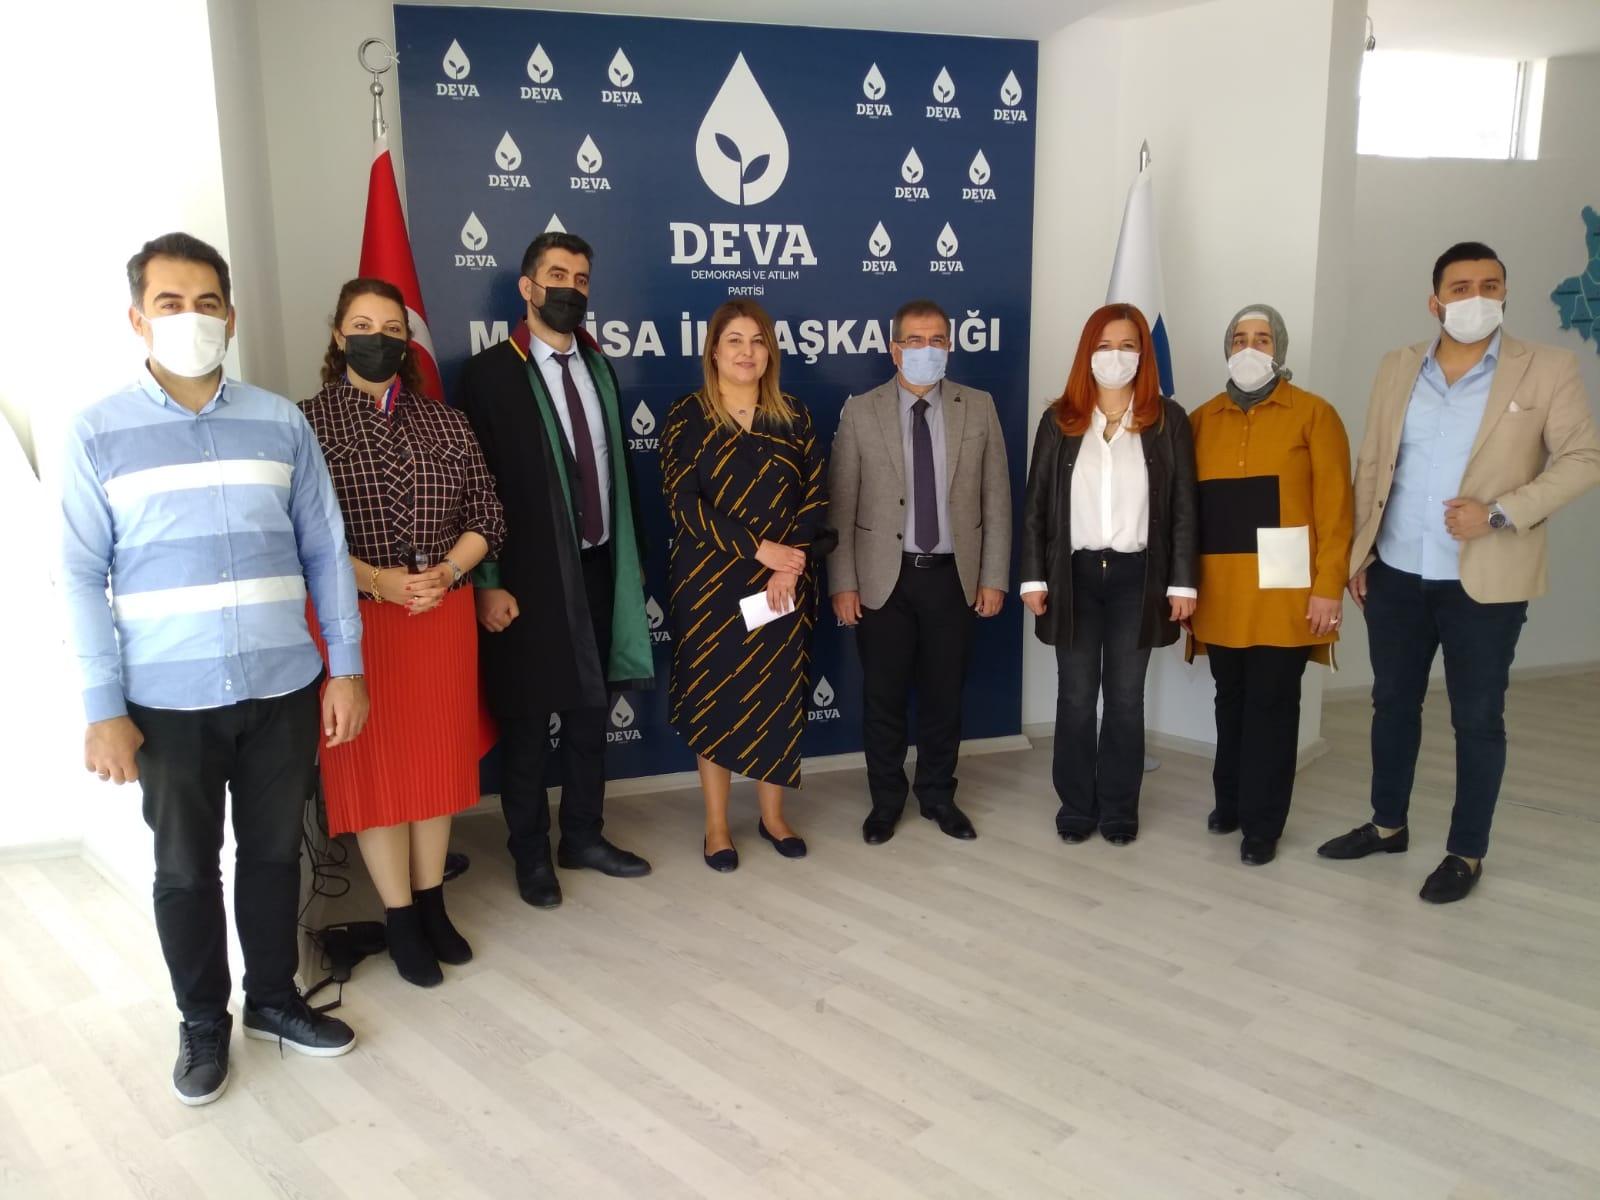 'DEVA' ŞİDDETE SUSKUN KALMADI